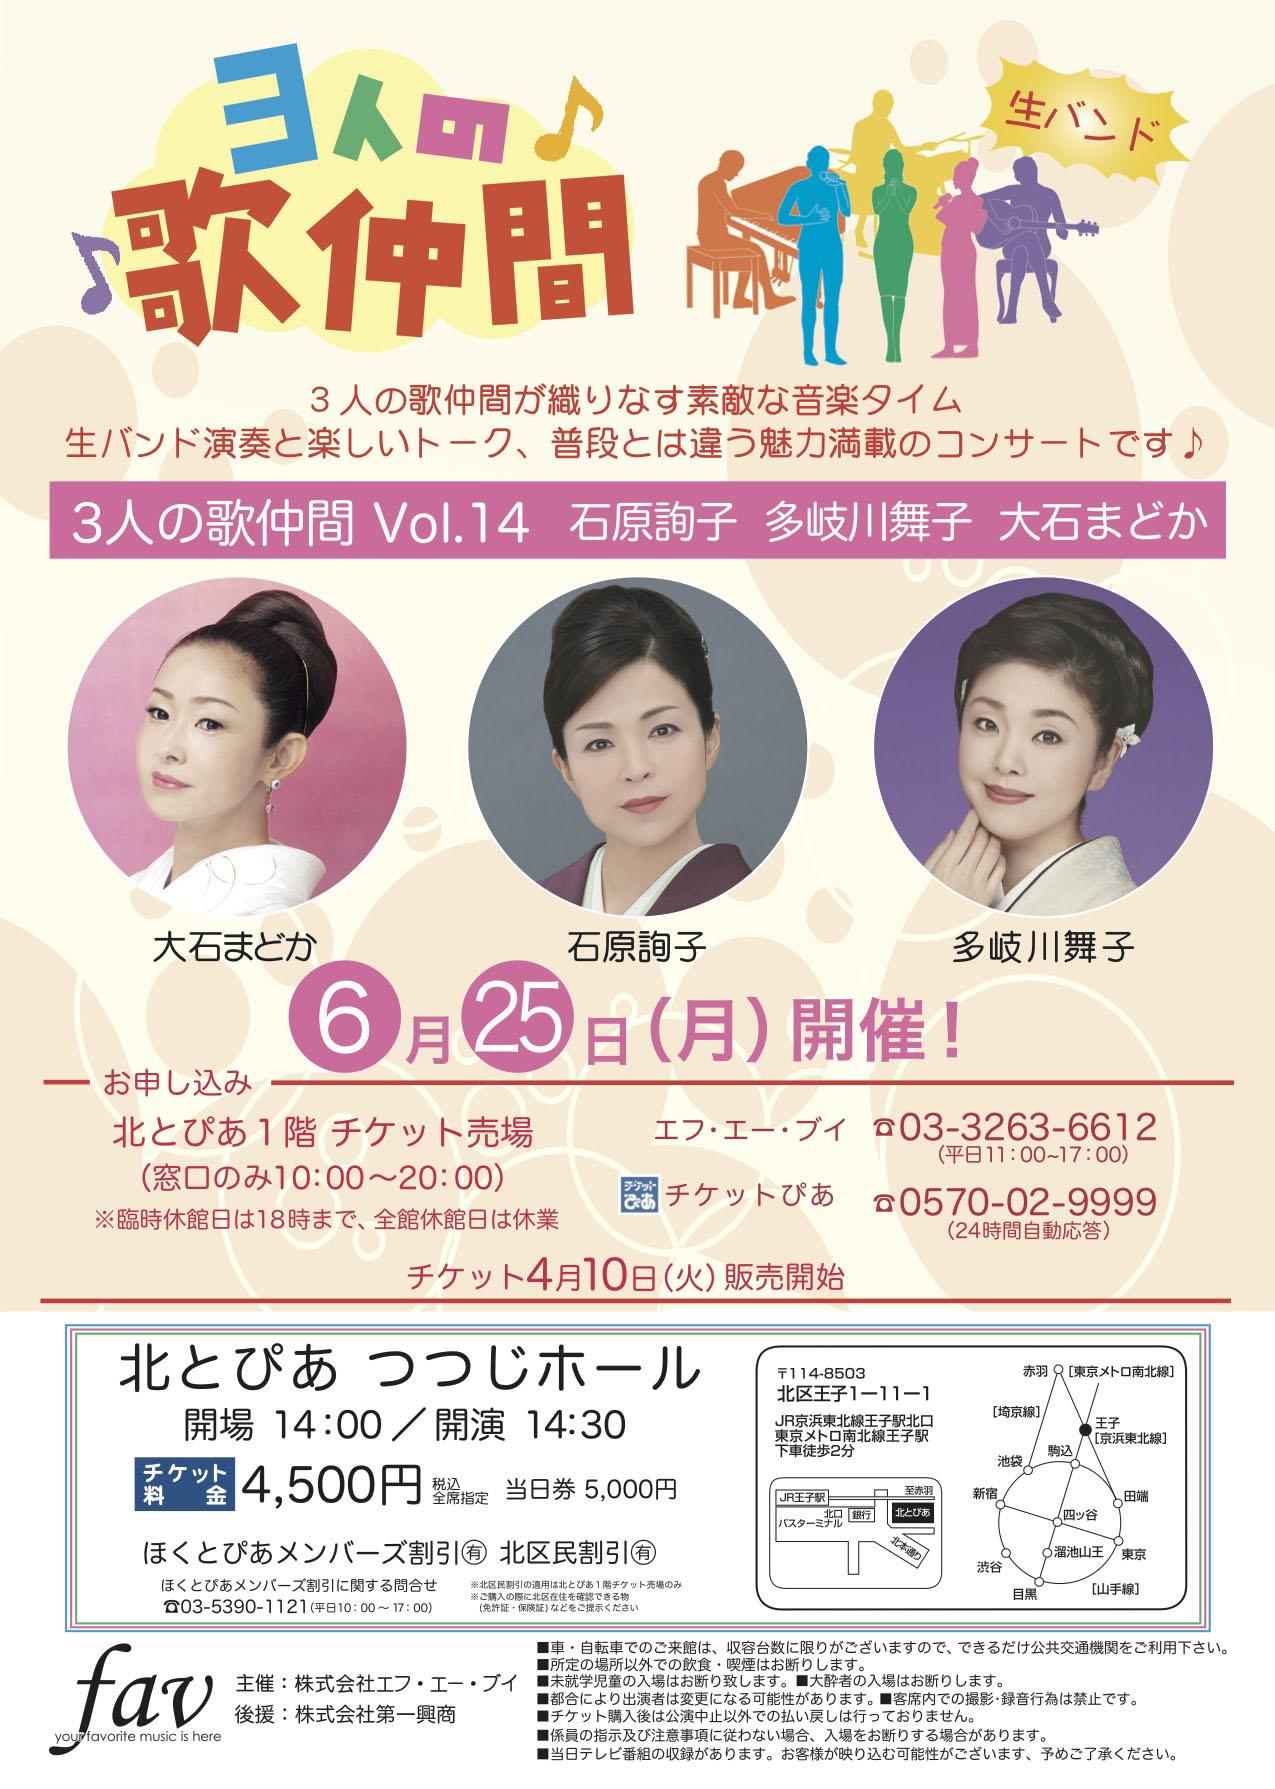 6/25(月)3人の歌仲間 Vol.14@北とぴあ